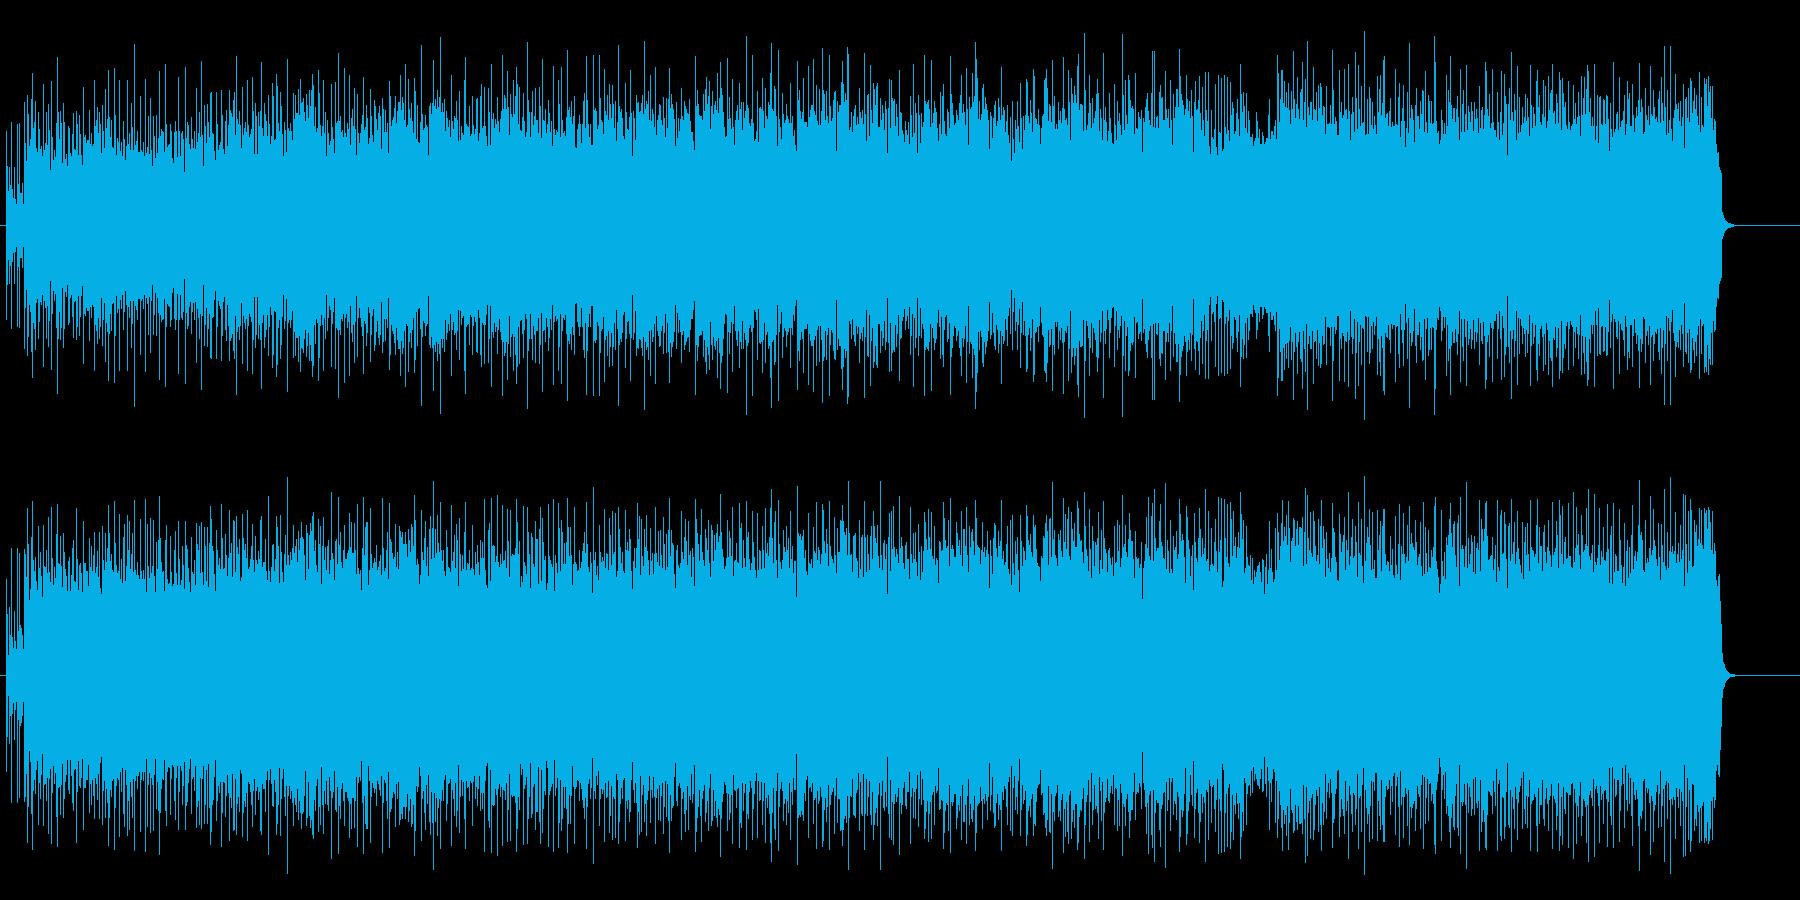 ストレートなギターのビート系ポップロックの再生済みの波形